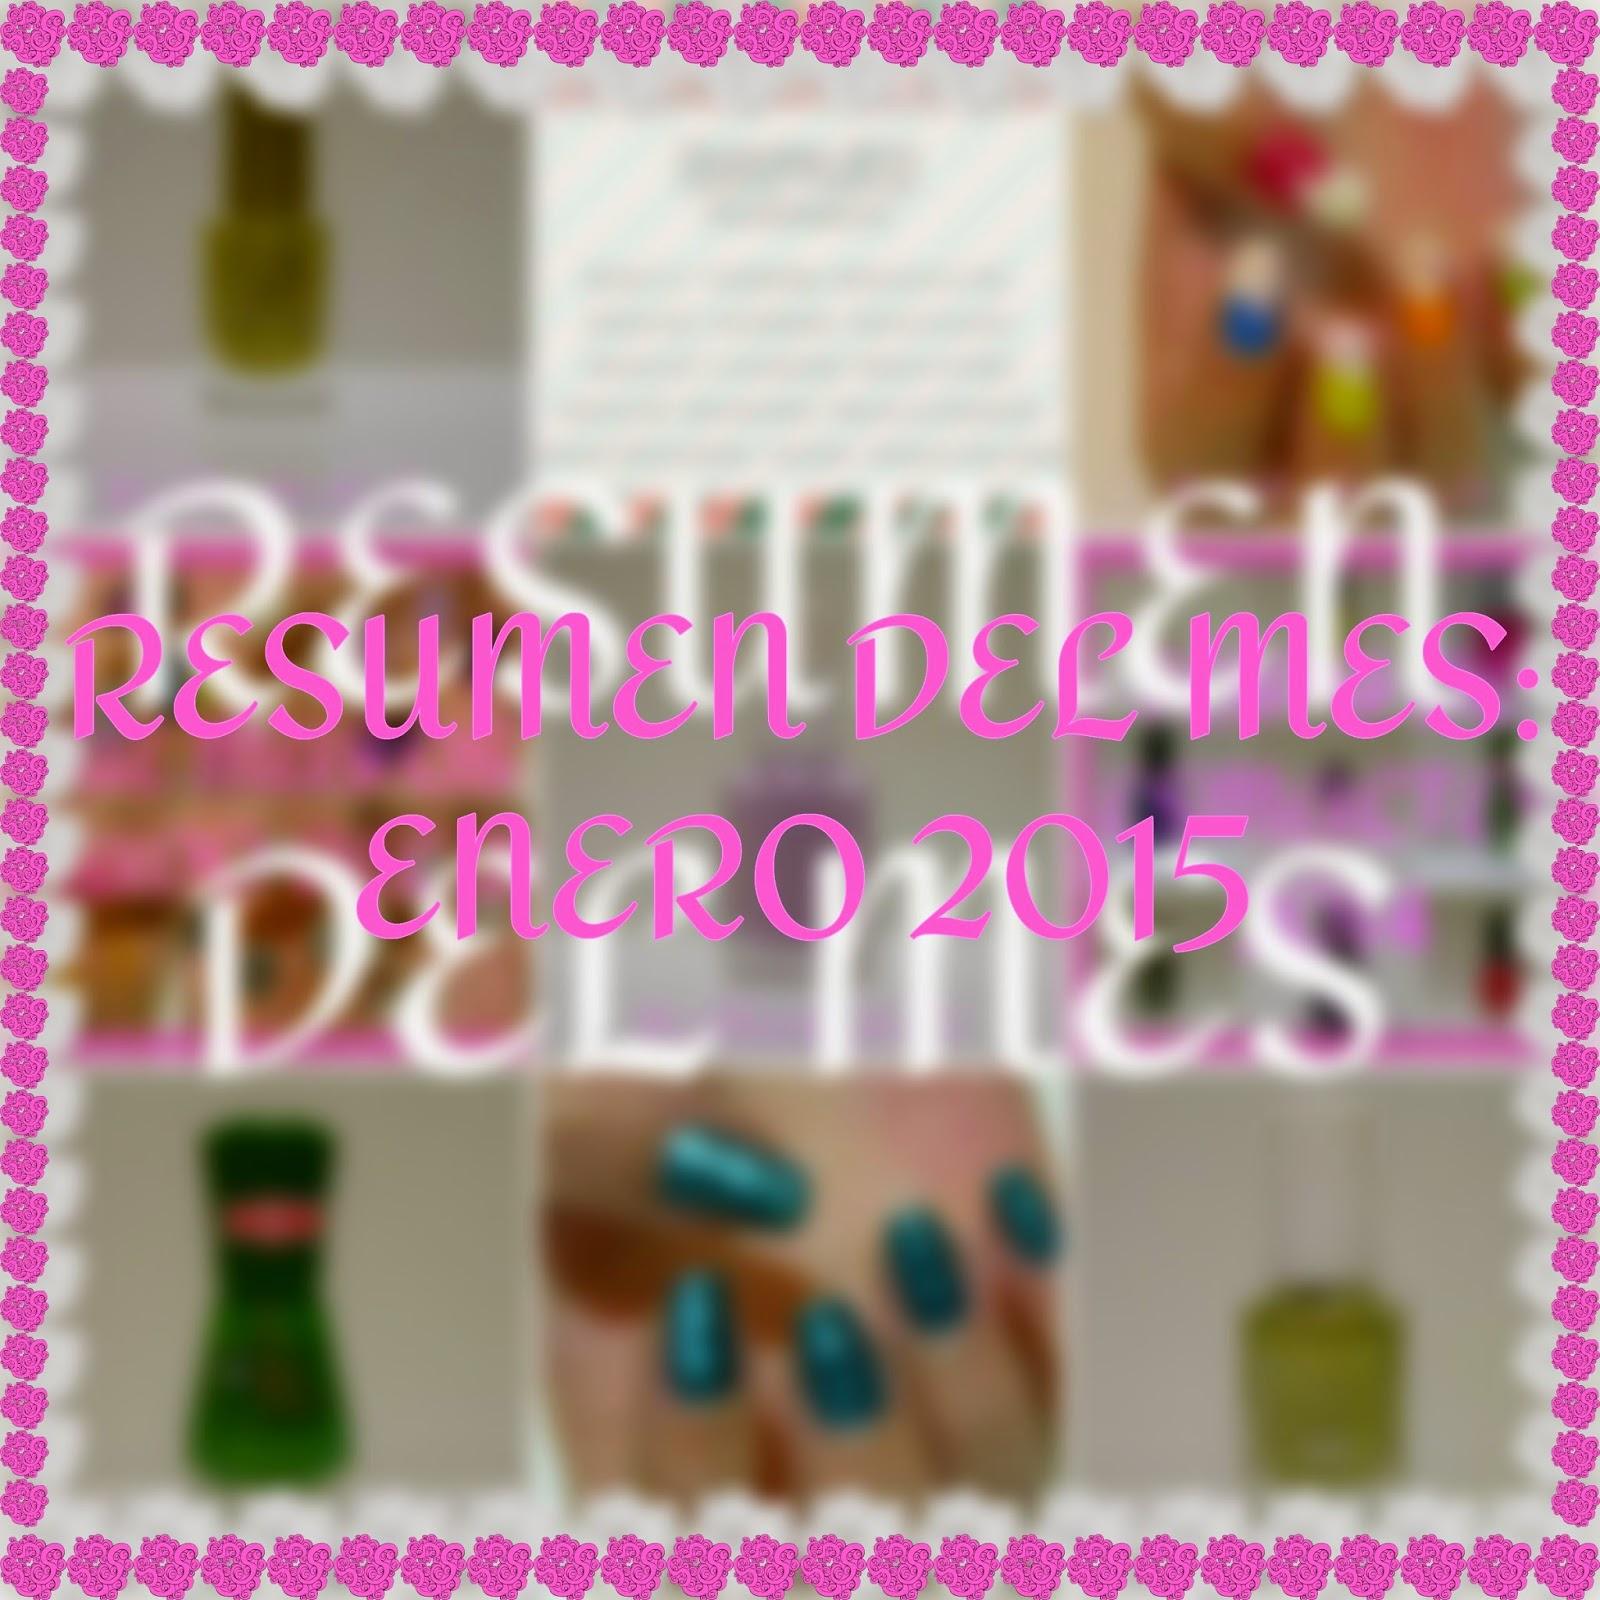 http://pinkturtlenails.blogspot.com.es/2015/02/resumen-del-mes-enero-2015.html